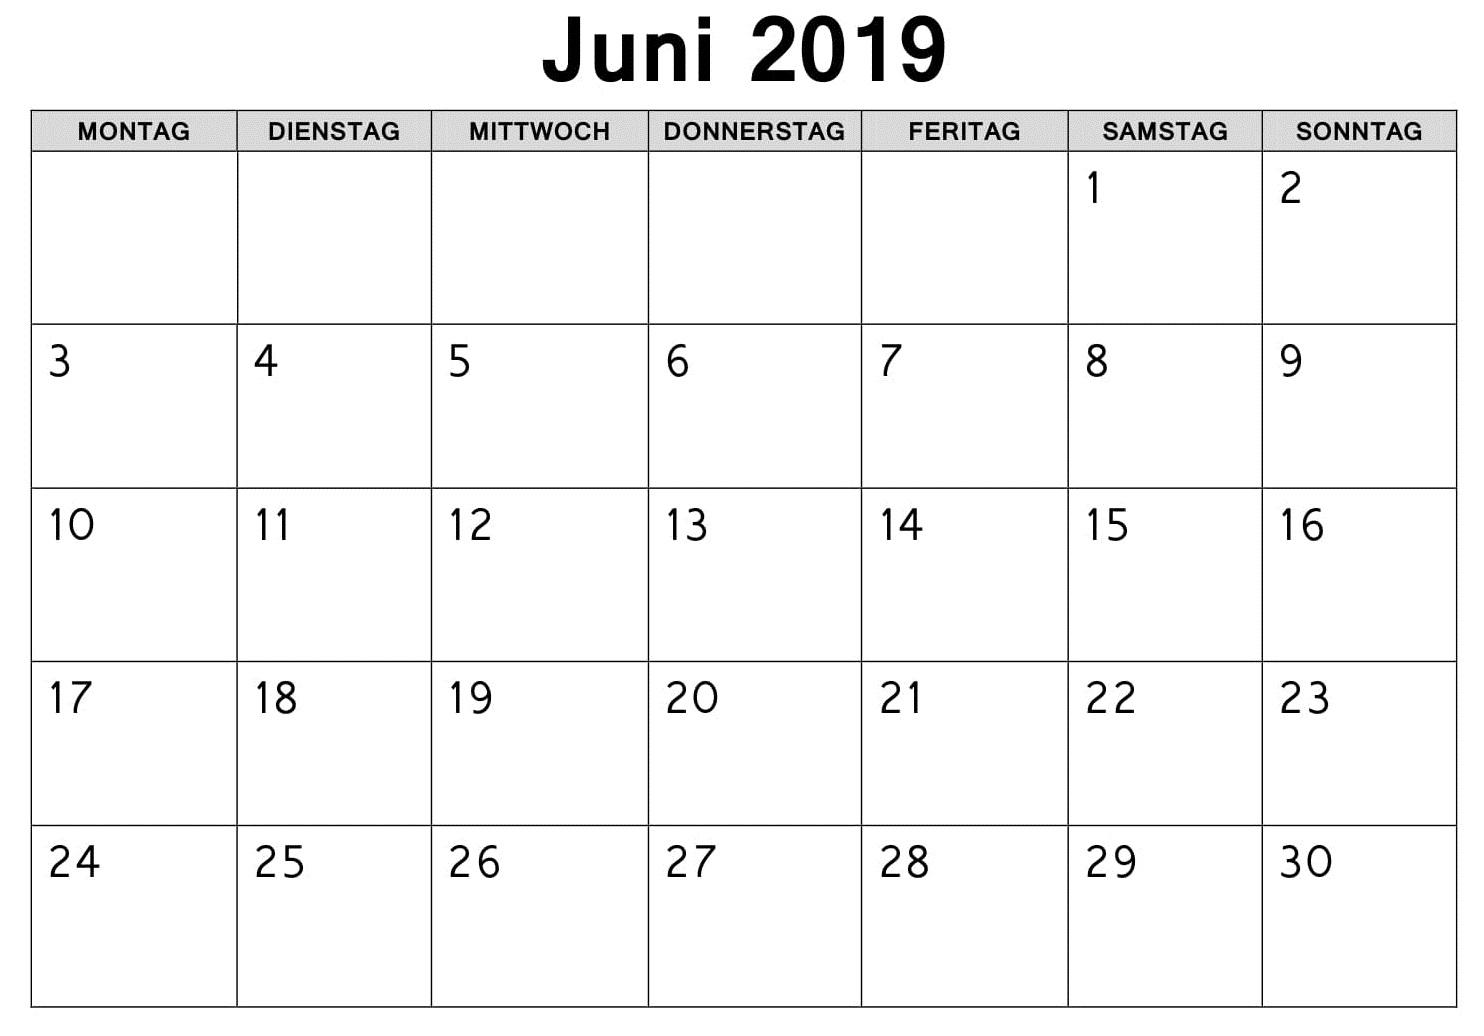 Juni Kalender Feiertage 2019 Zum Ausdrucken